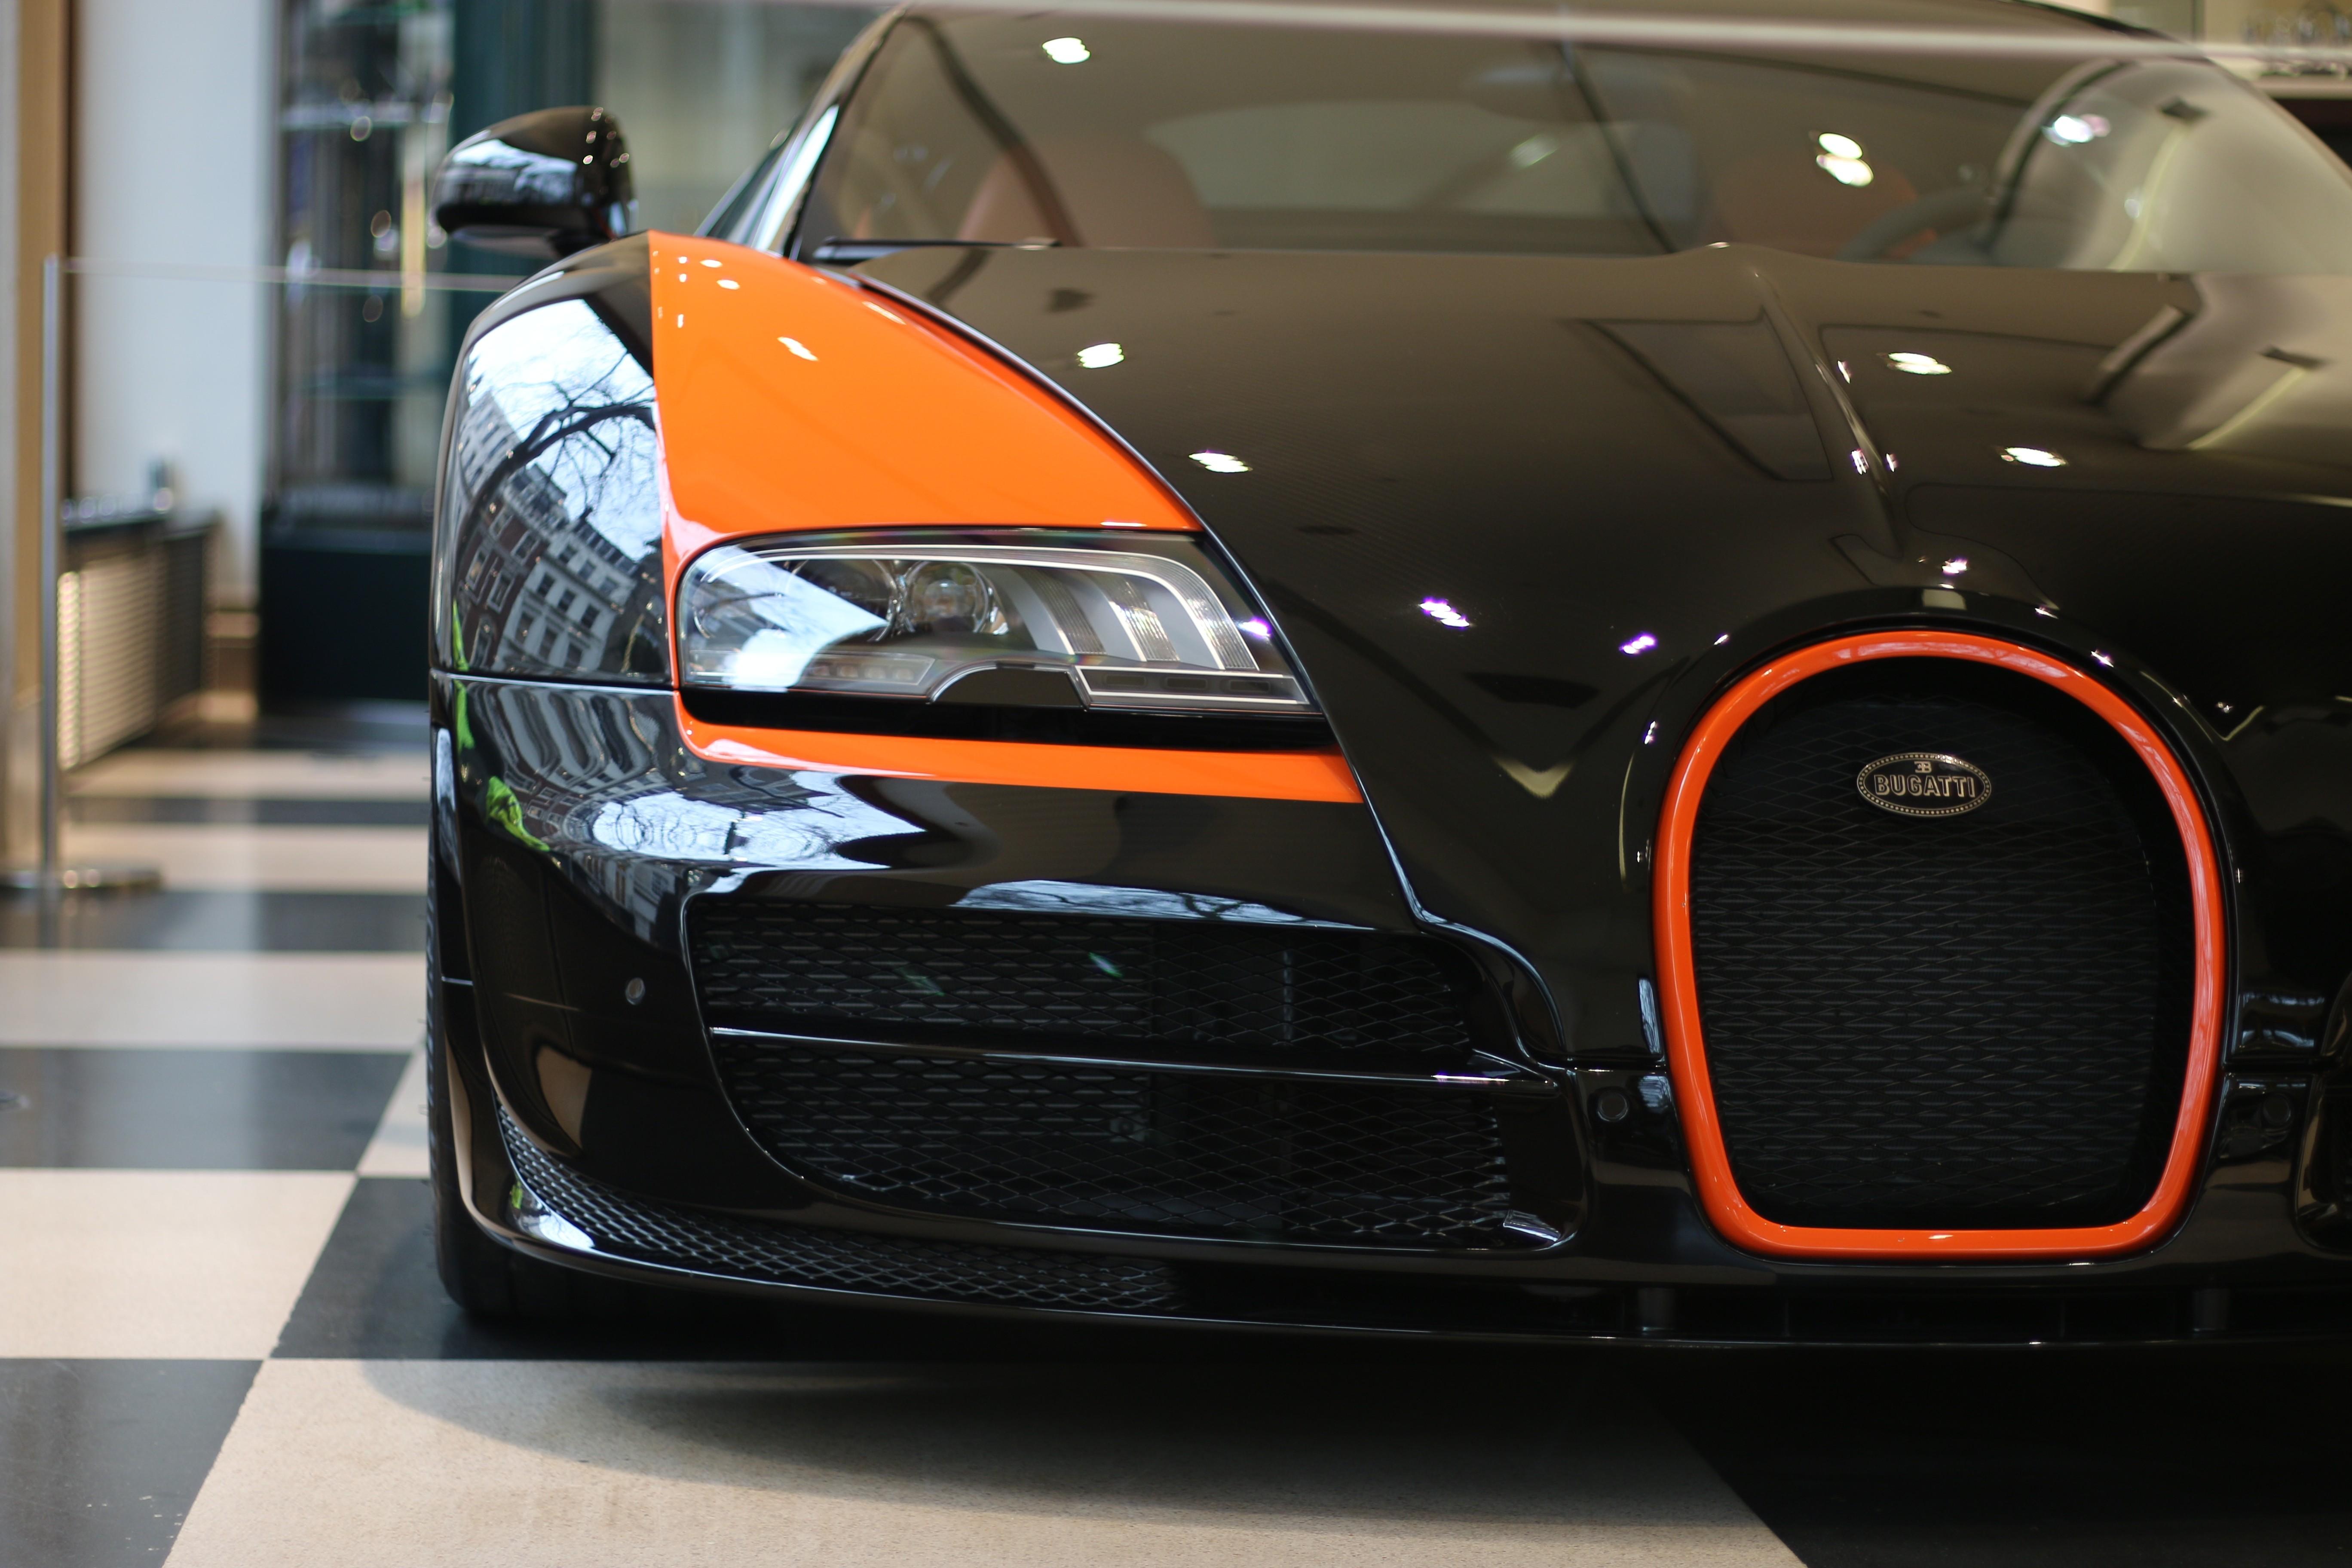 a-bugatti-veyron-grand-sport-vitesse-world-record-edition-is-now-for-sale_5 Wonderful Lamborghini Countach Strohm De Rella Cars Trend